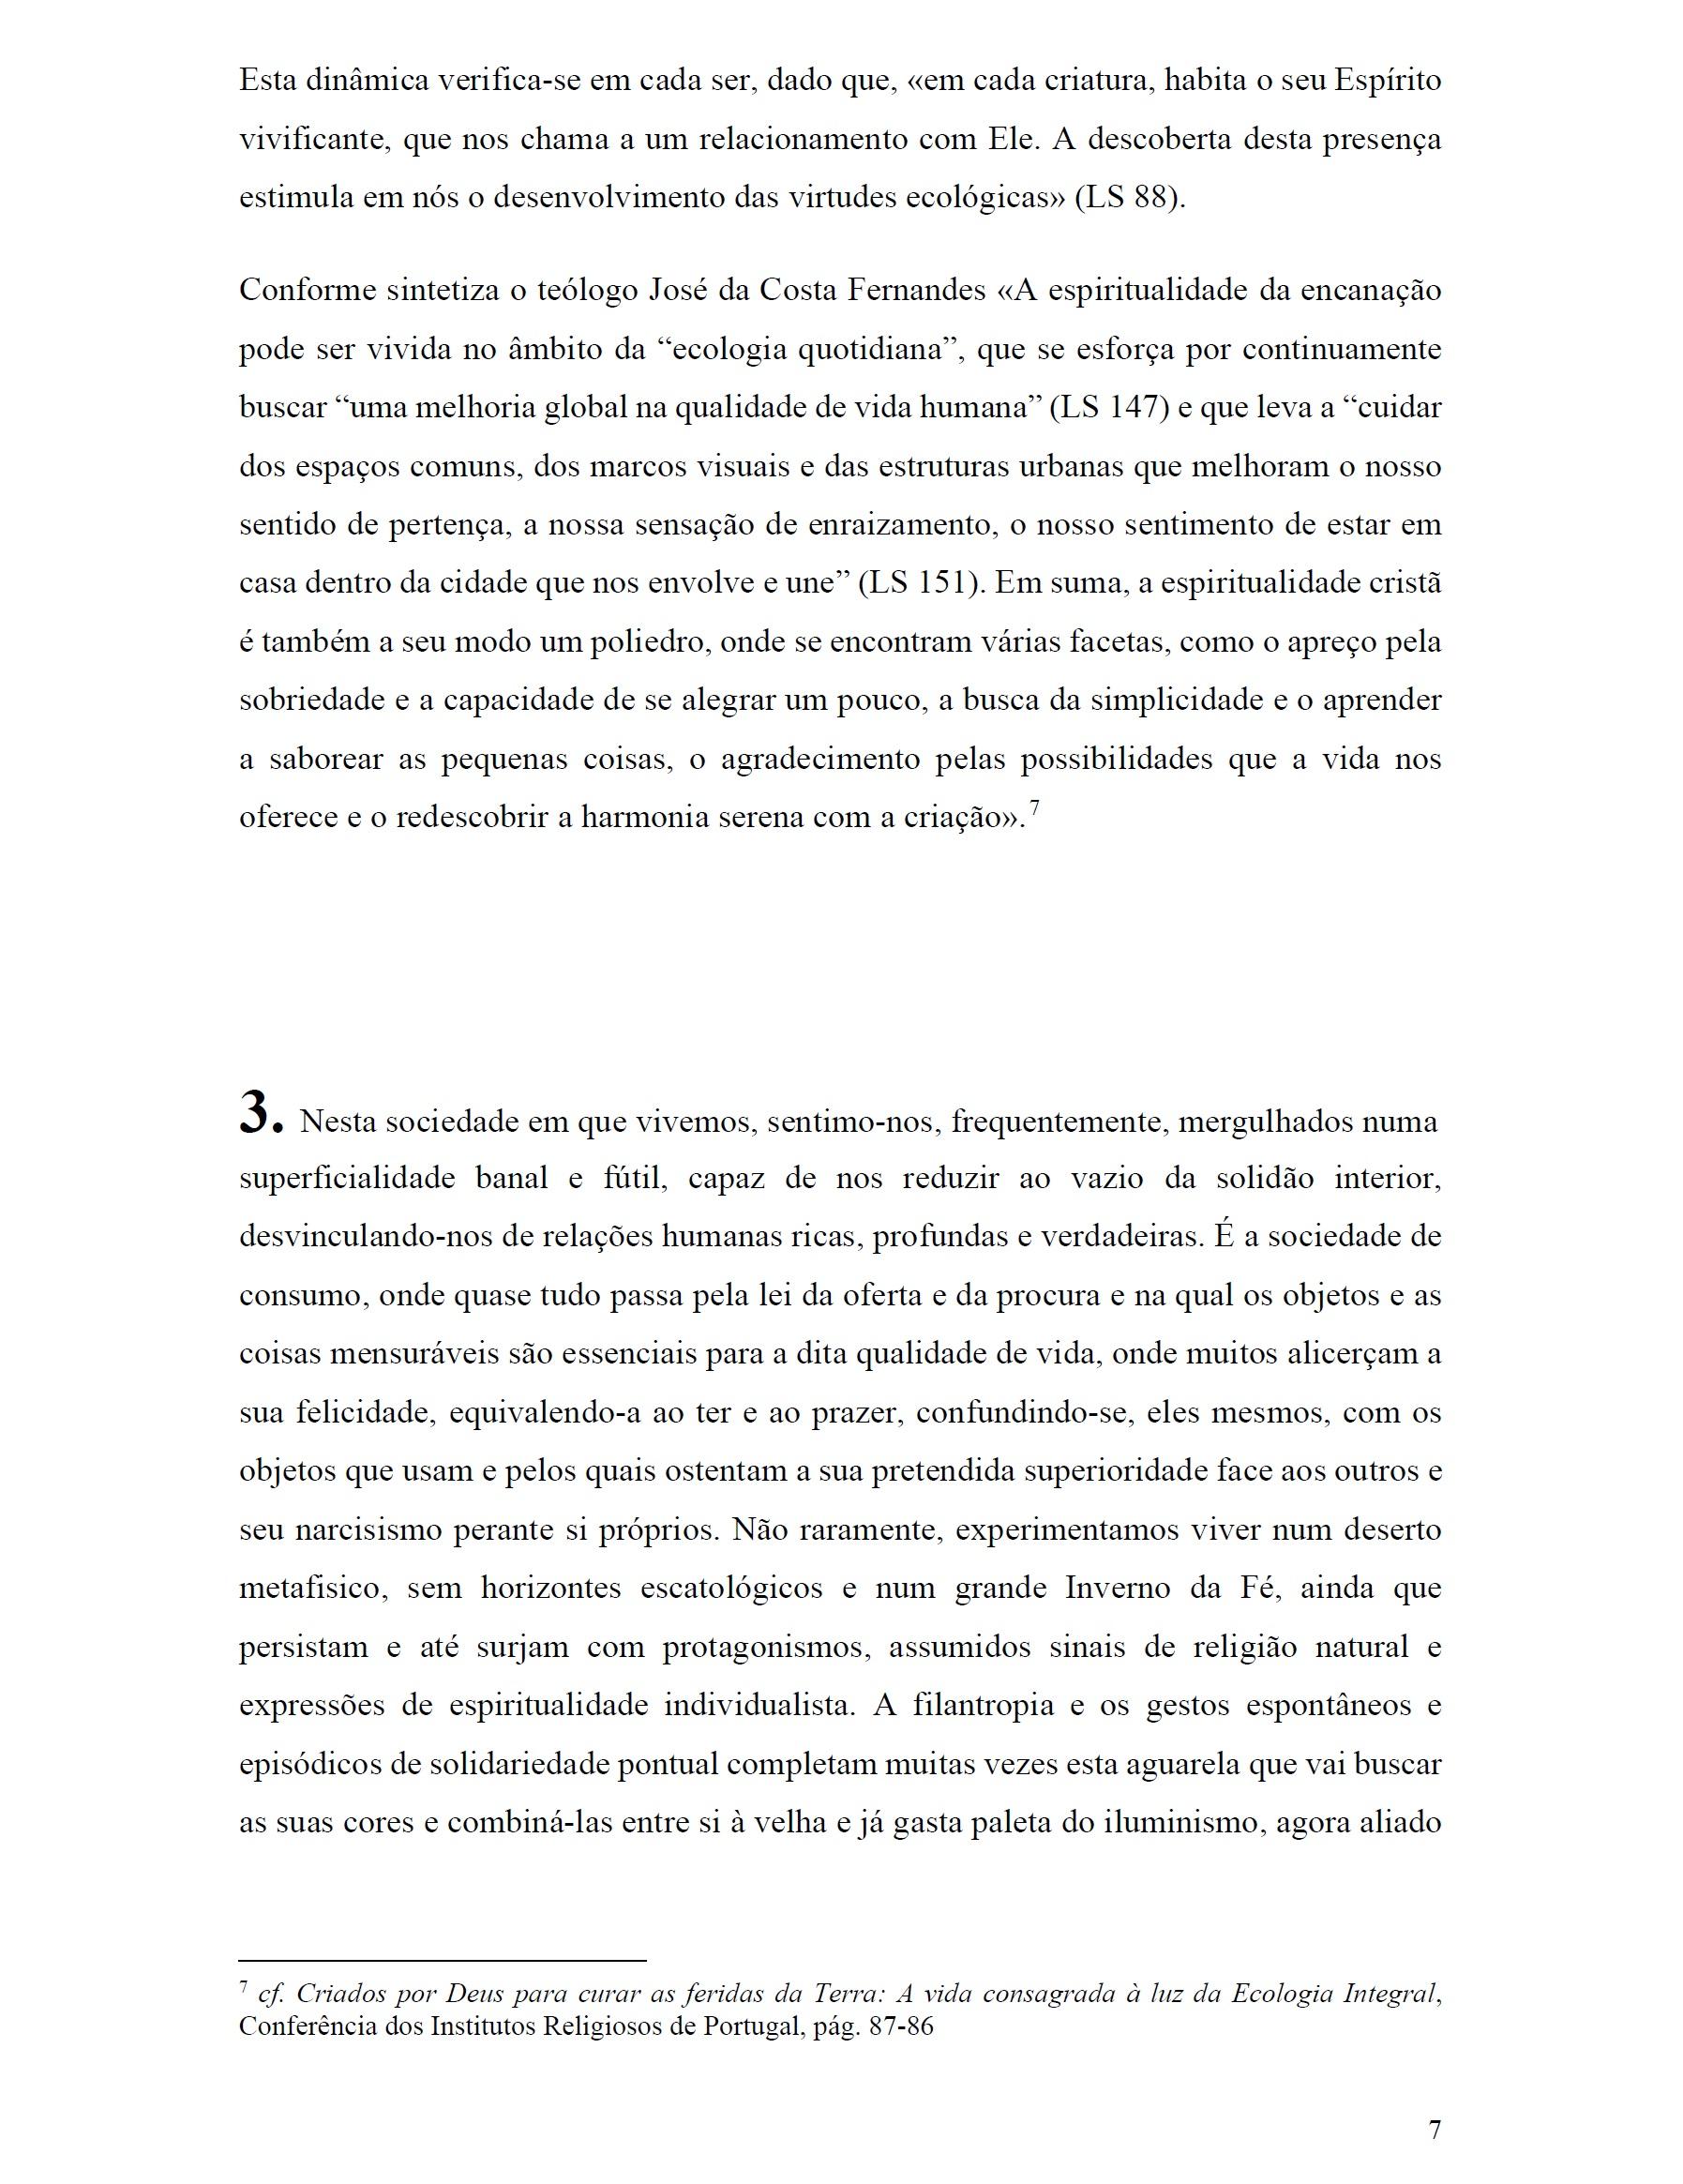 2 - Carta ao Presbitério de Évora 03_04_2020_7